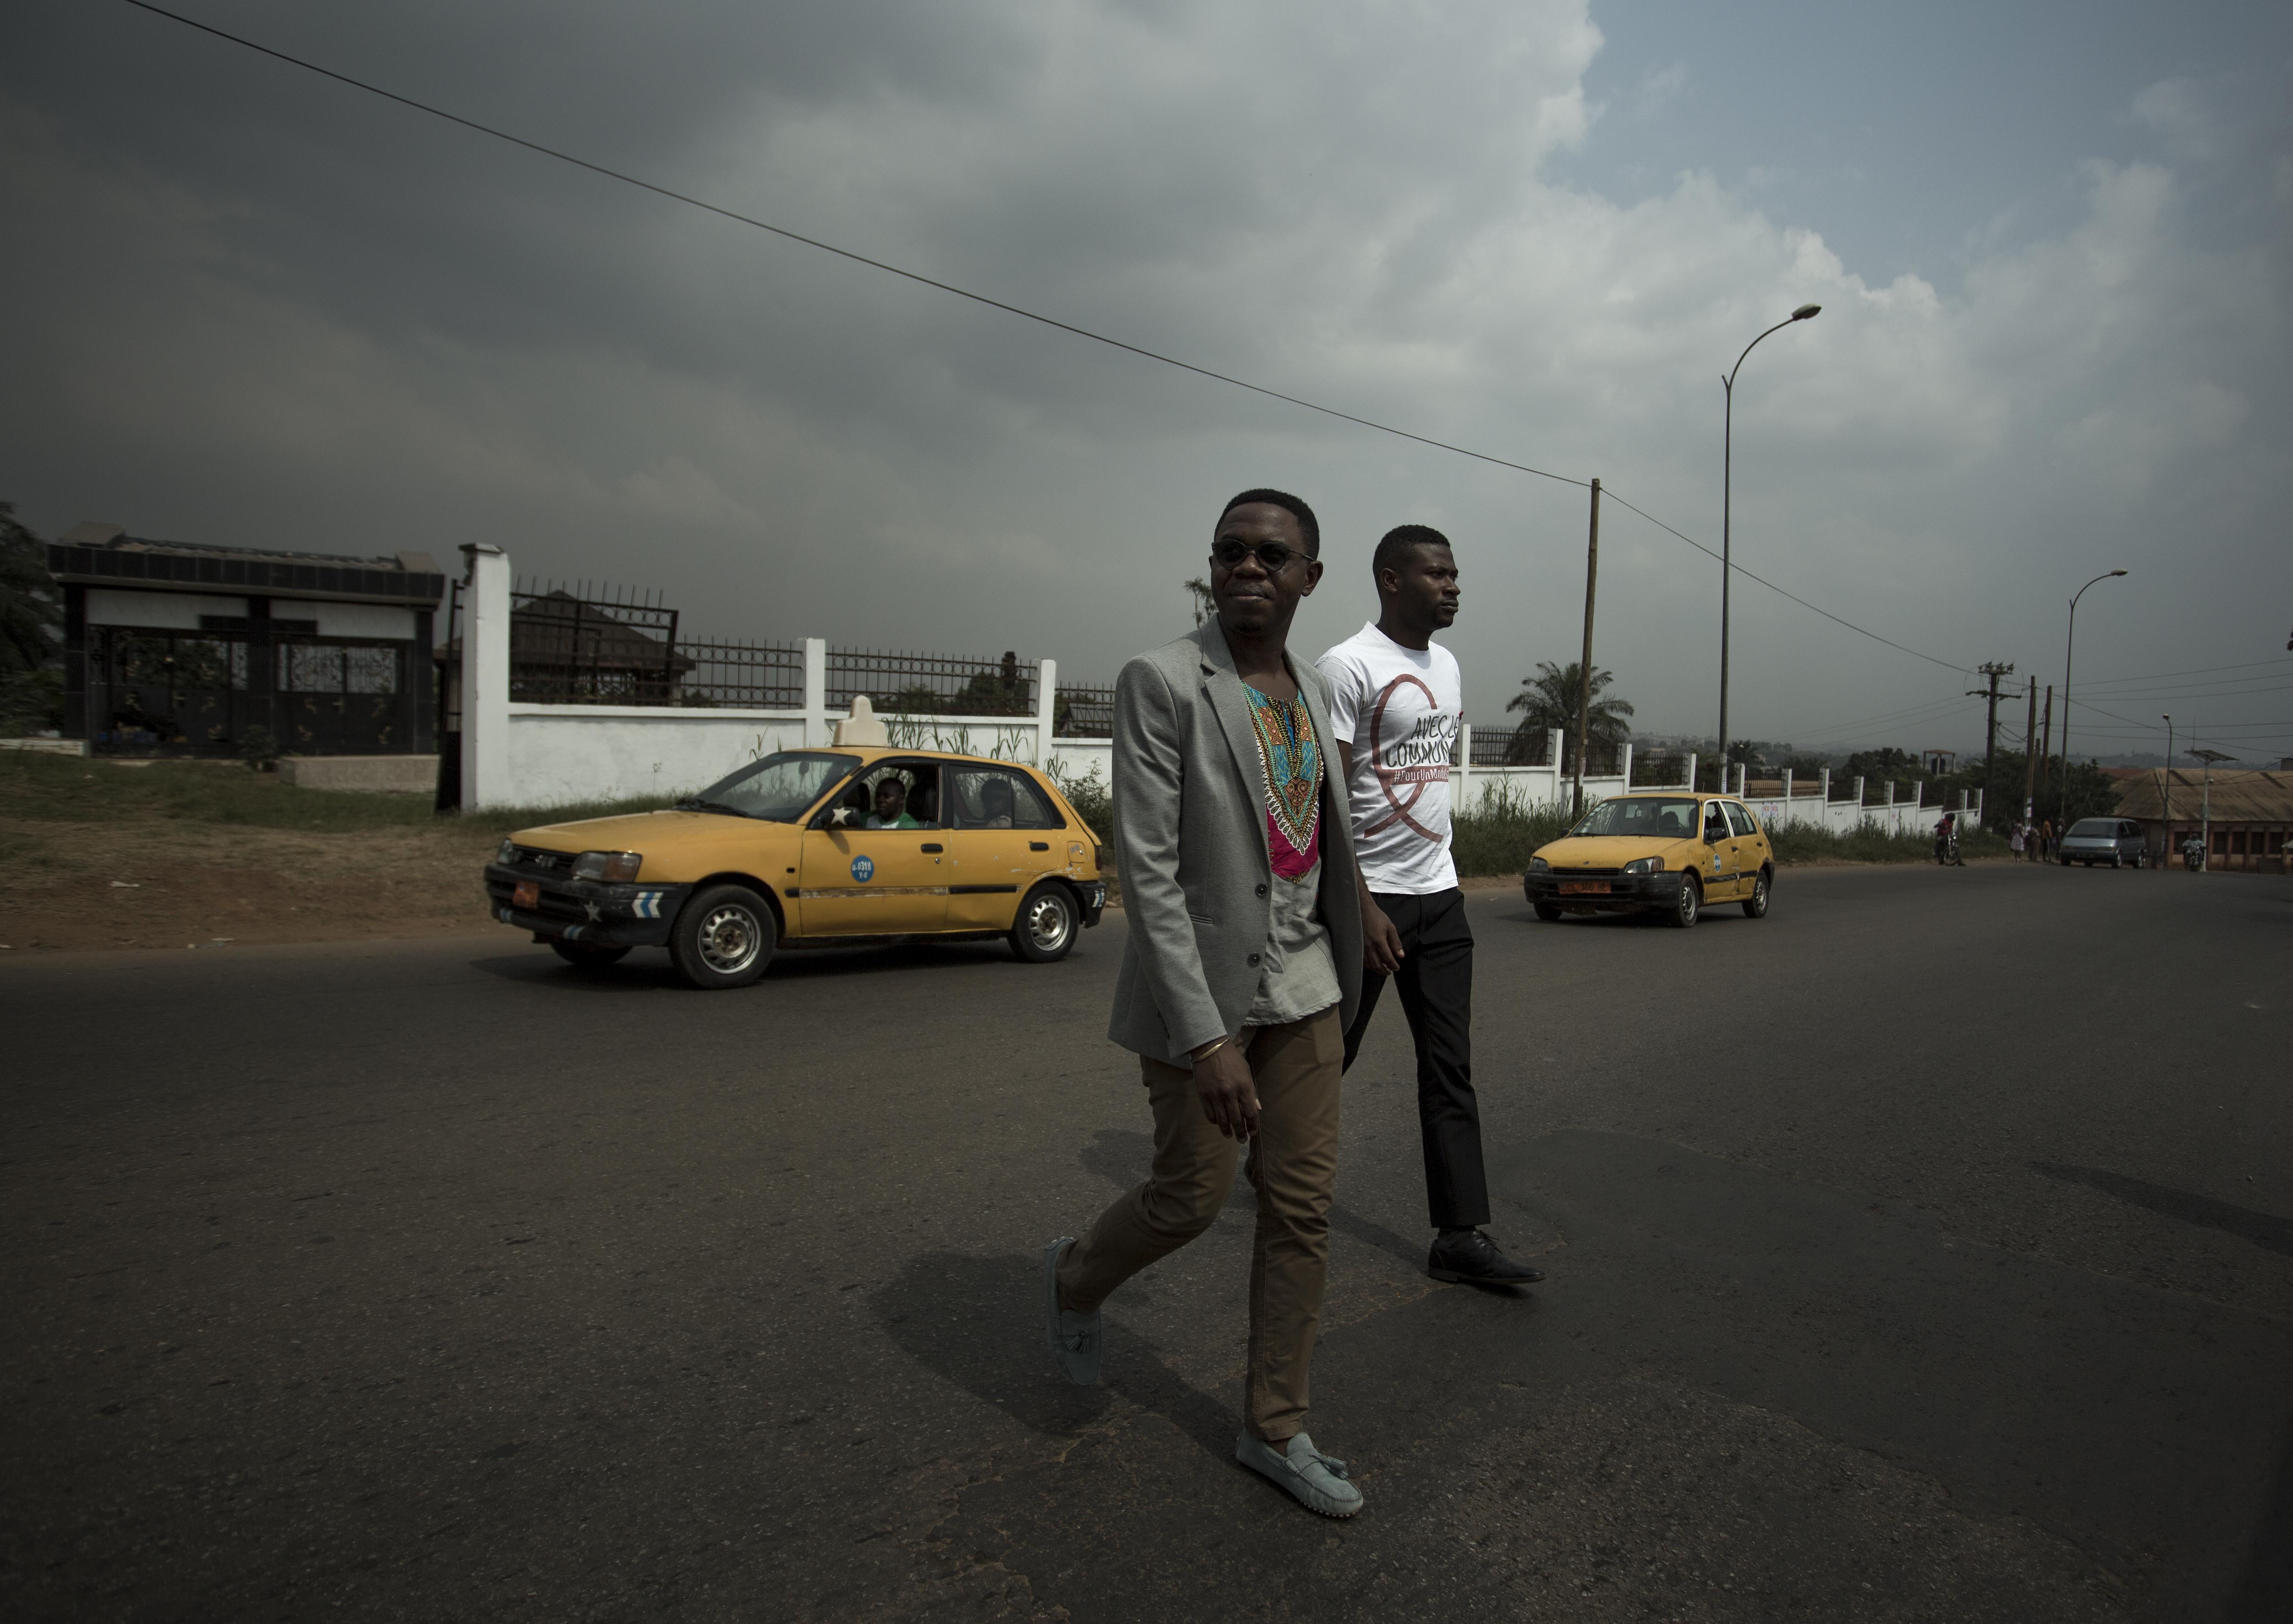 À son marché local à la périphérie de Yaoundé, Serge achète de la nourriture pour un déjeuner entre amis plus tard dans l'après-midi.